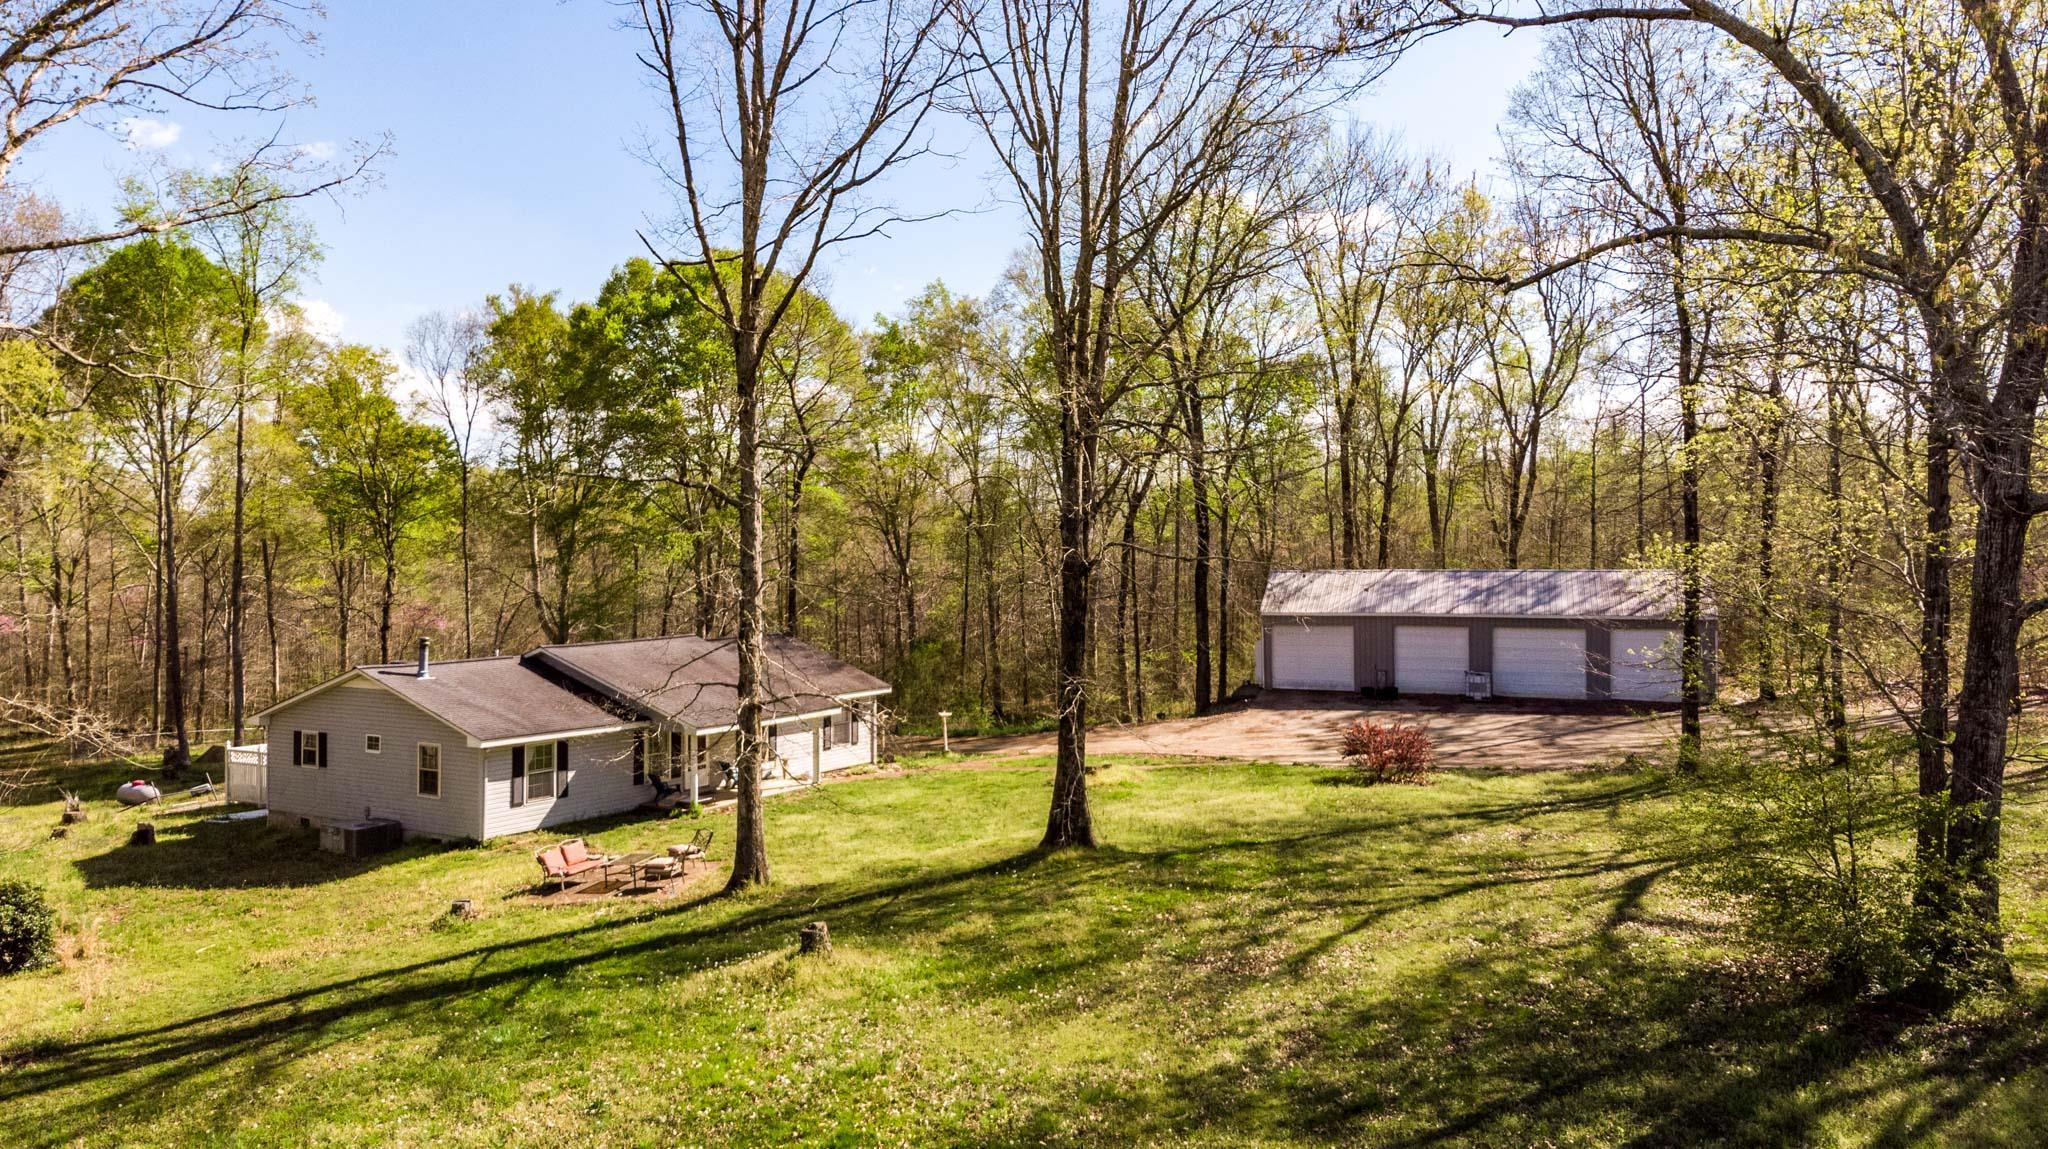 487 Busby Rd, Loretto, TN 38469 - Loretto, TN real estate listing